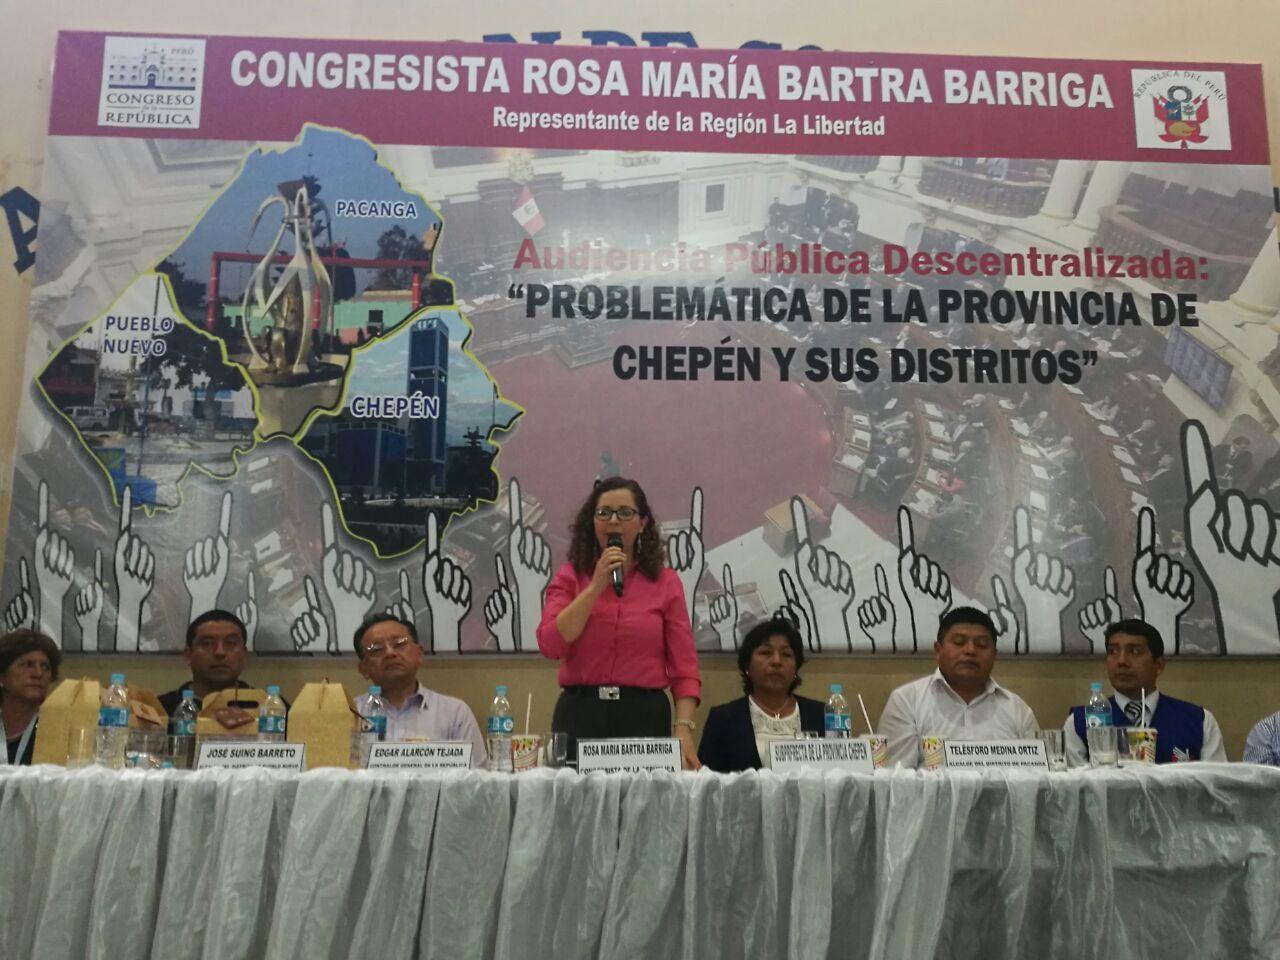 Audiencia Pública Descentralizada Chepén 1  Congresista La Libertad Rosa María Bartra Barriga 04 10 2016